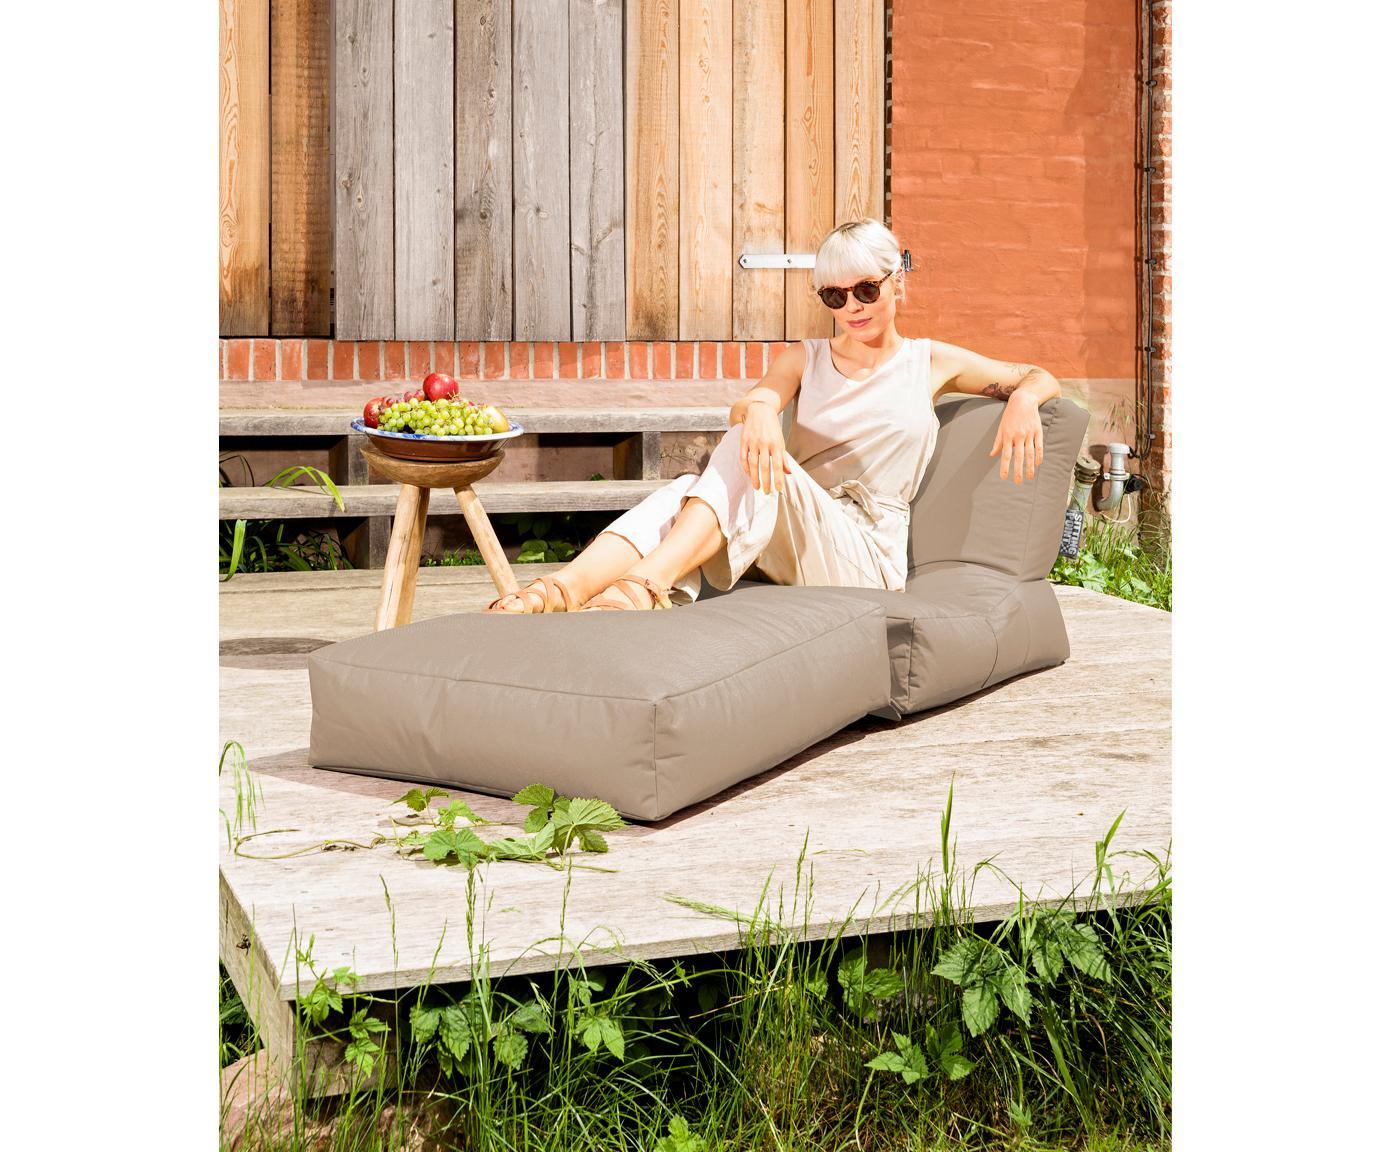 Outdoor loungefauteuil Pop Up met ligfunctie, Kakigroen, 70 x 80 cm